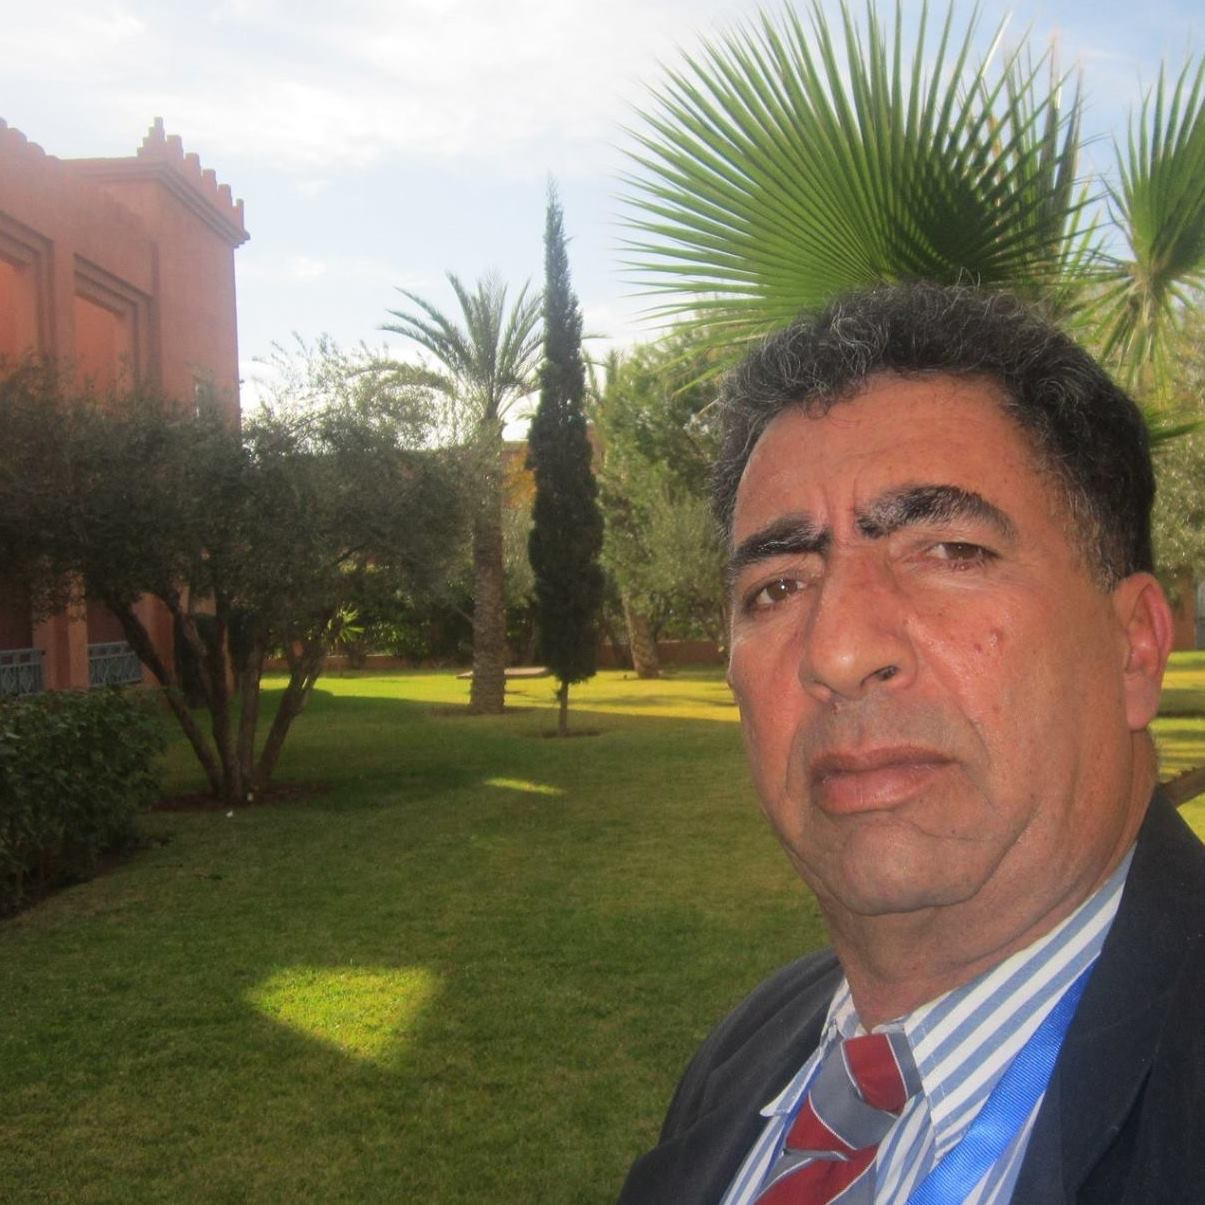 صورة مصالح المغرب ومقدساته فوق كل اعتبار رغم مناورات الخصوم